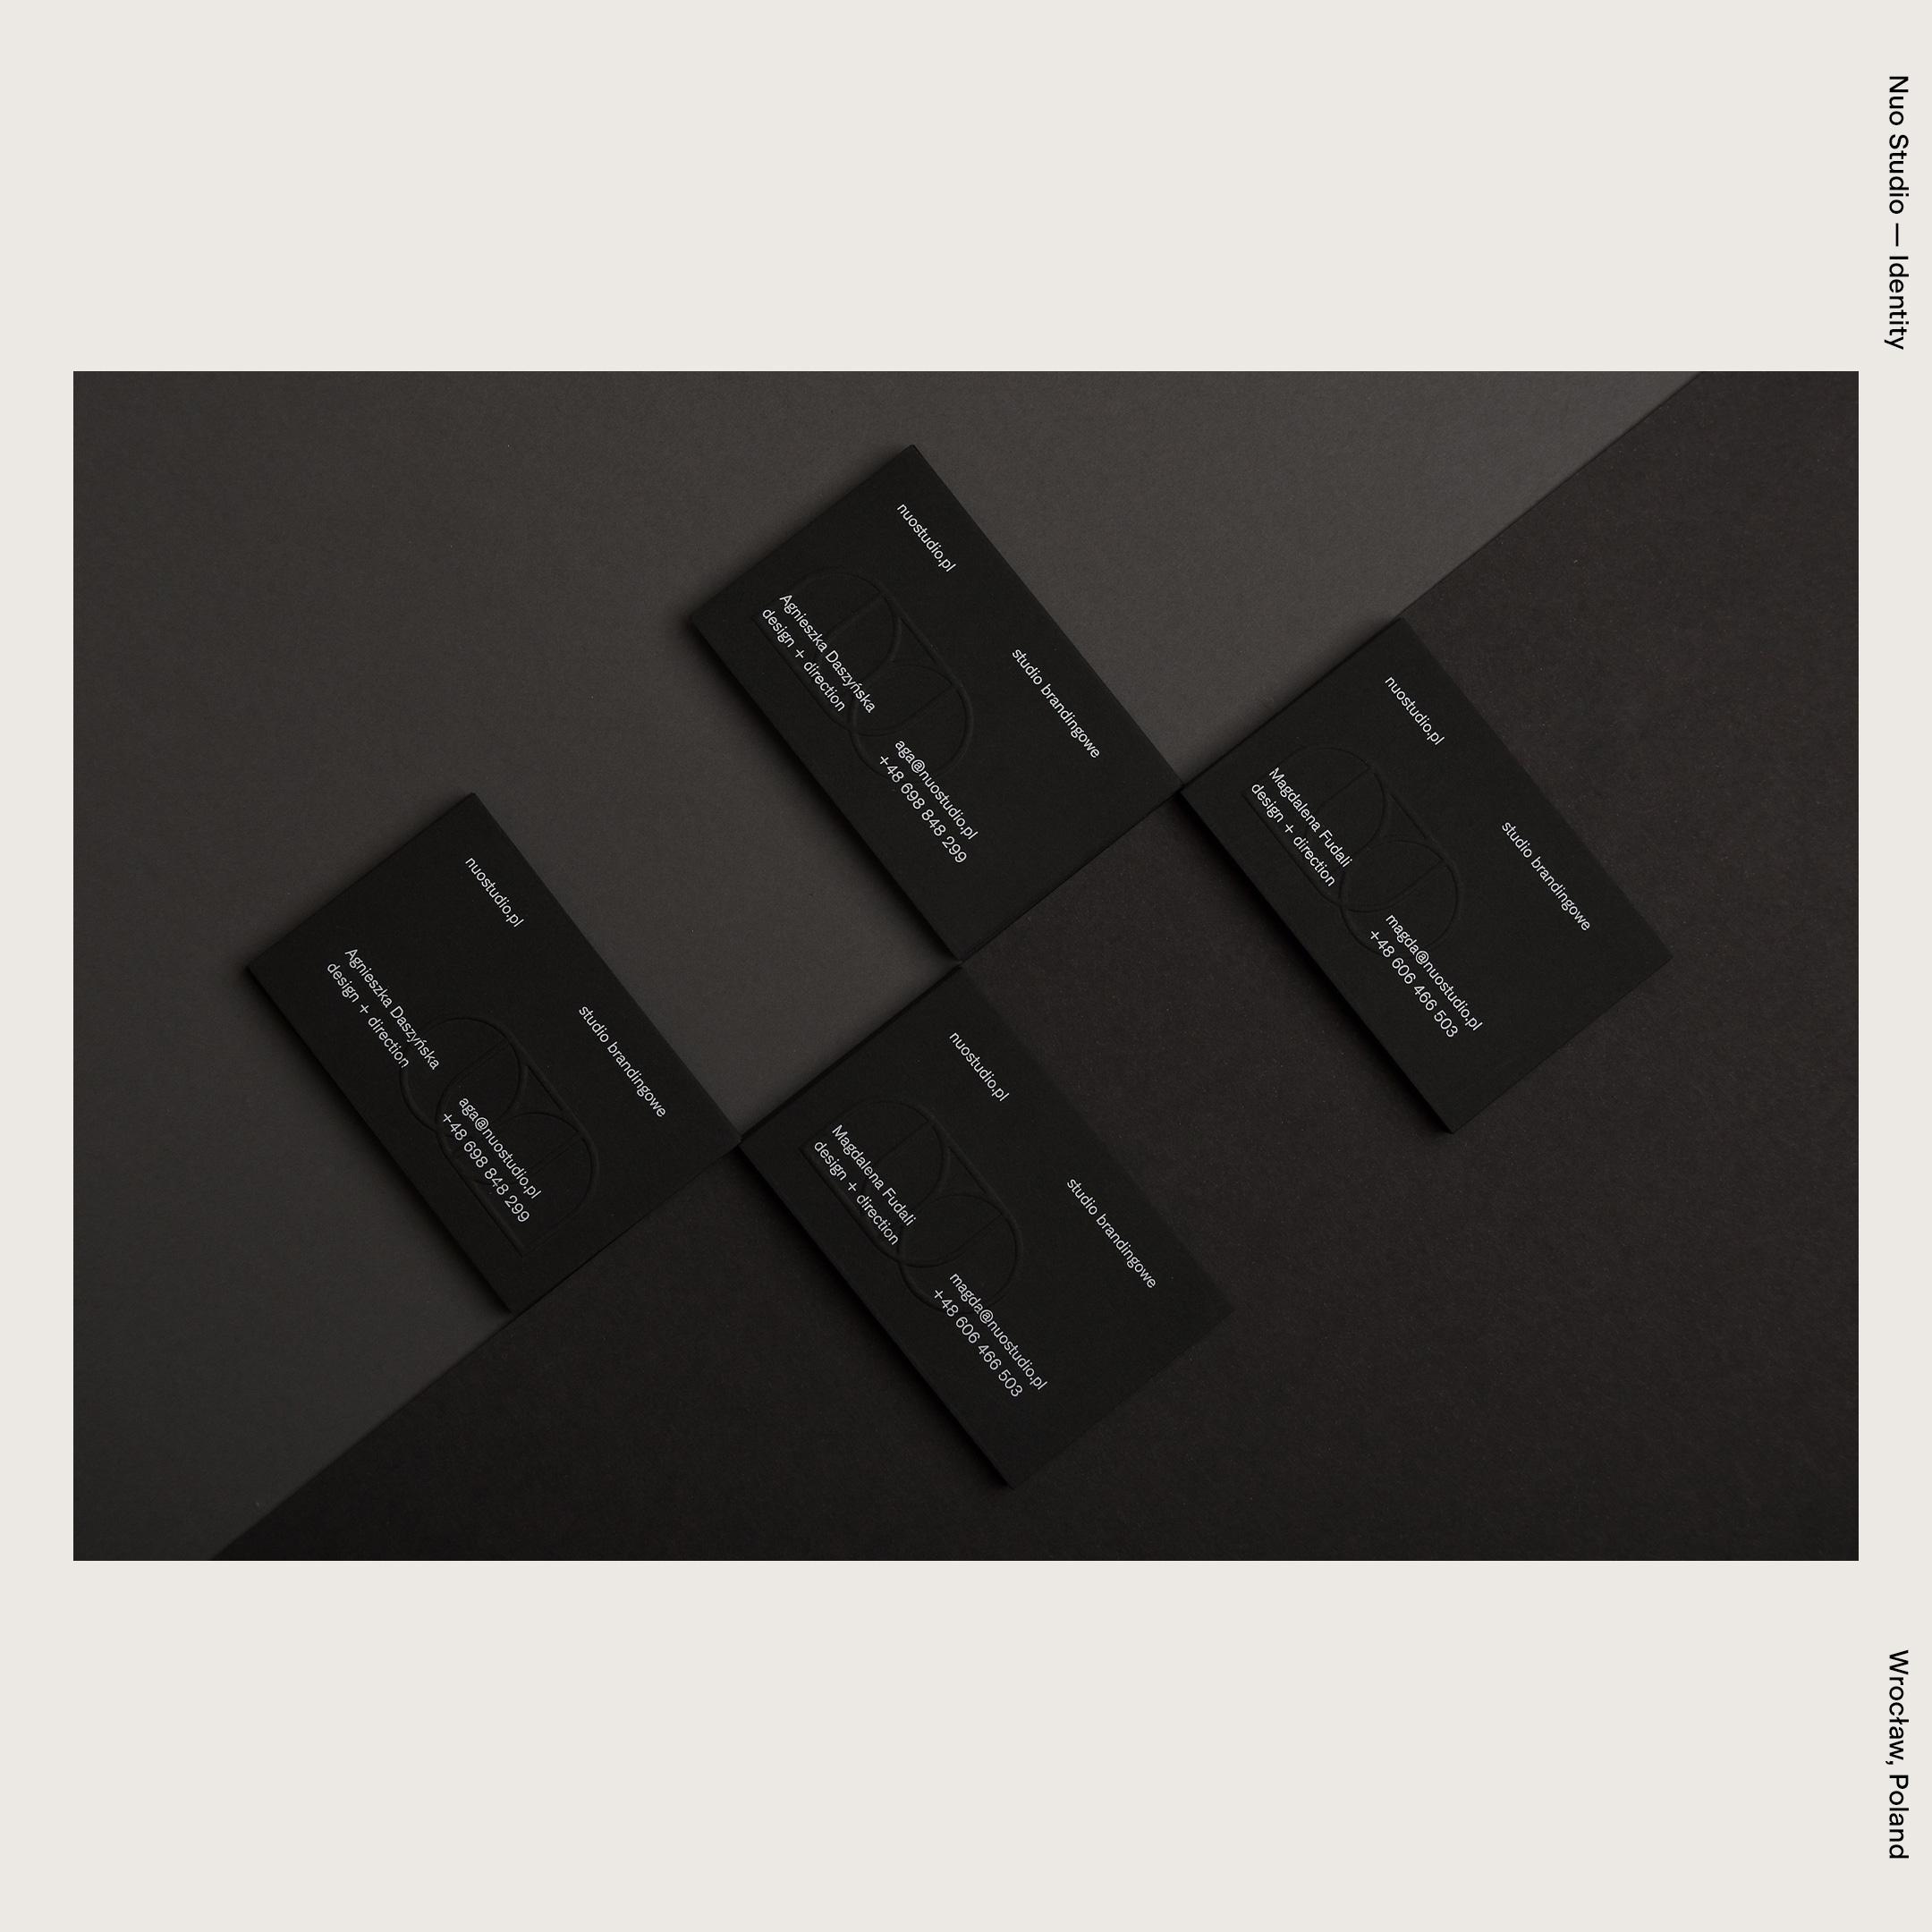 Nuo Studio — Identity